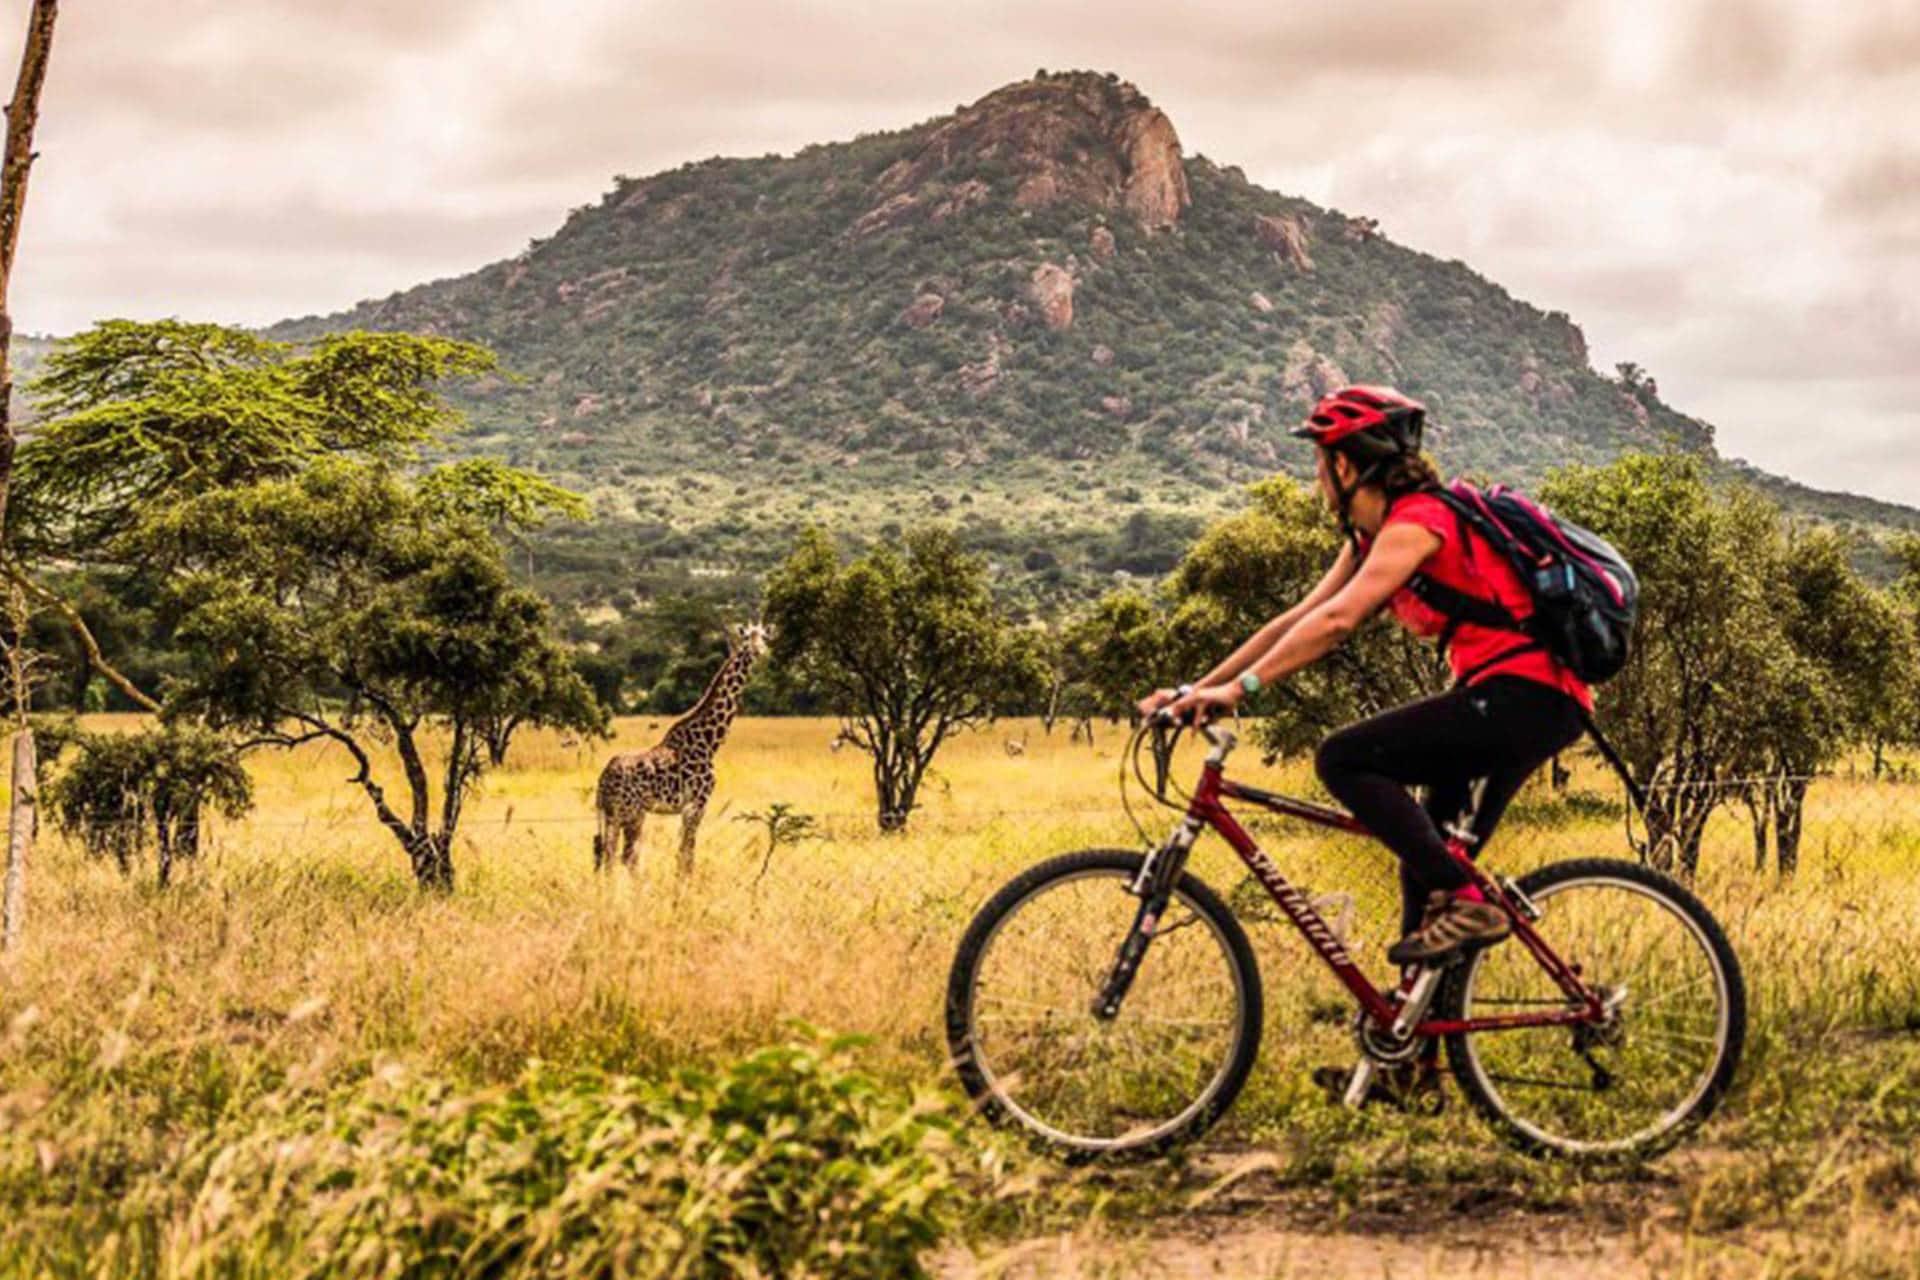 Adumu Safaris Activities - Biking Safaris